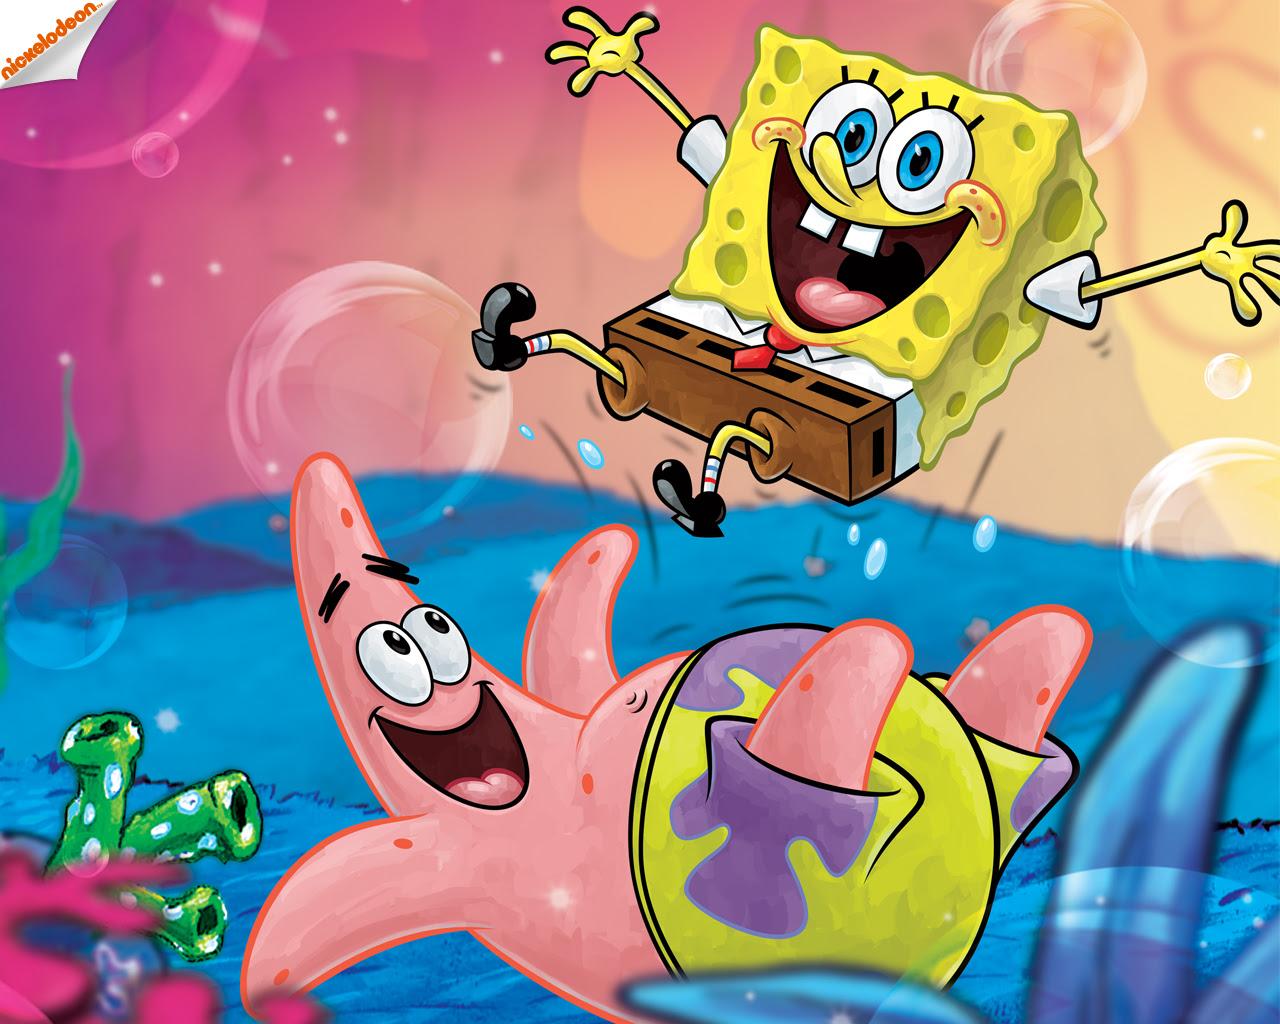 Fantastis 11 Gambar Wallpaper Spongebob Dan Patrick Richa Wallpaper